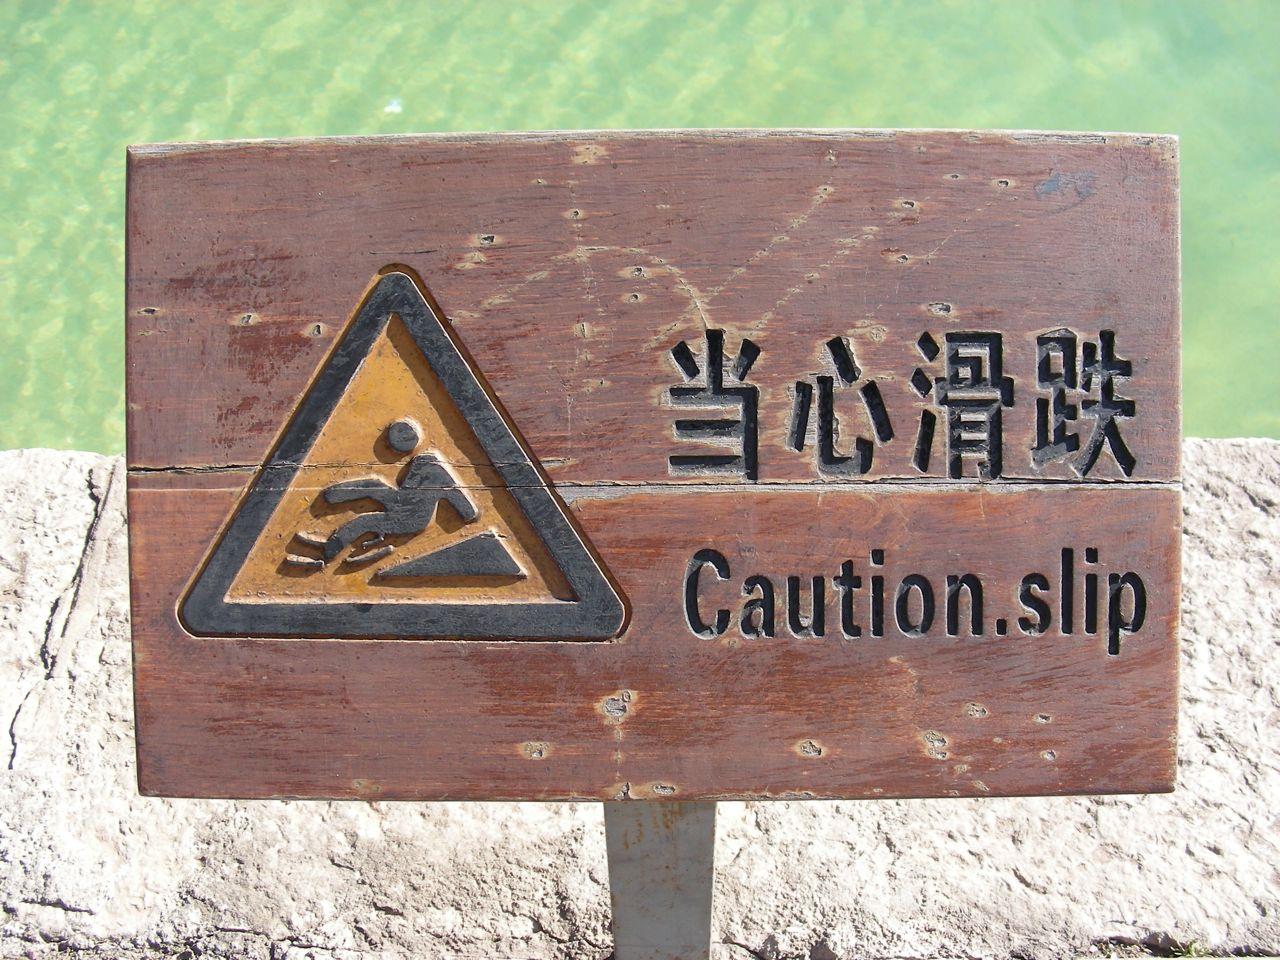 Caution slip